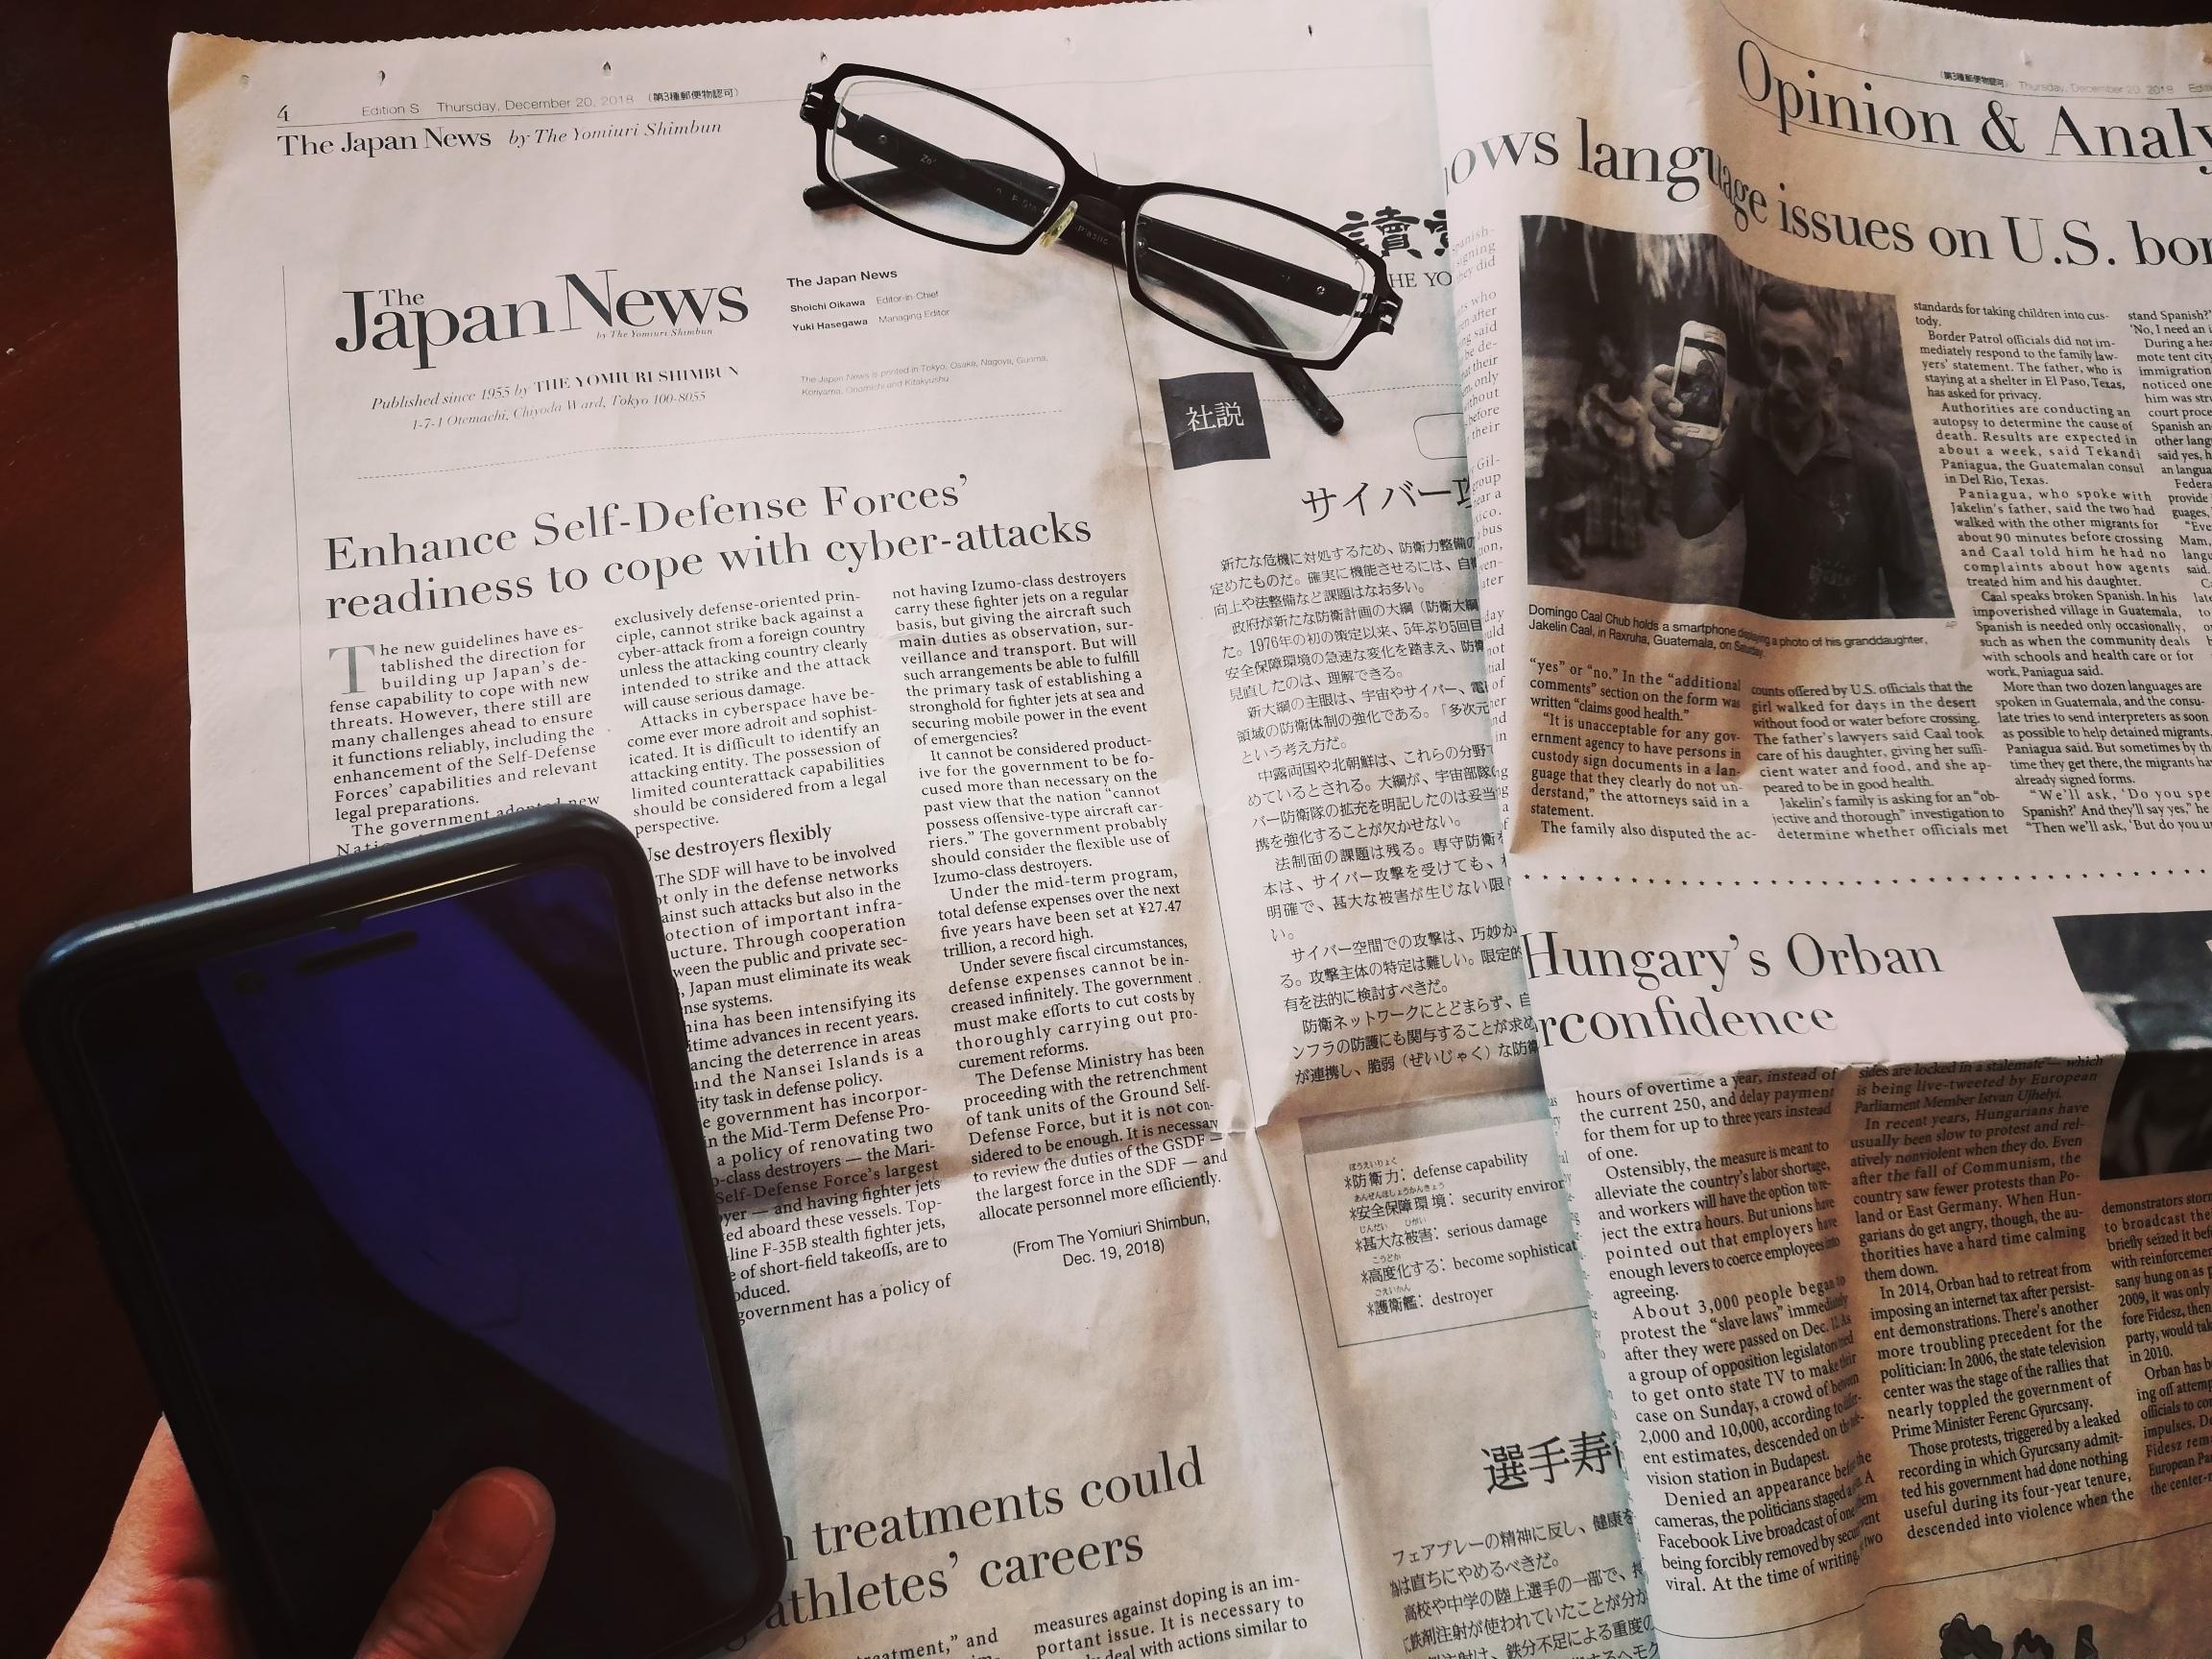 英字新聞とメガネとスマートフォンの写真です。